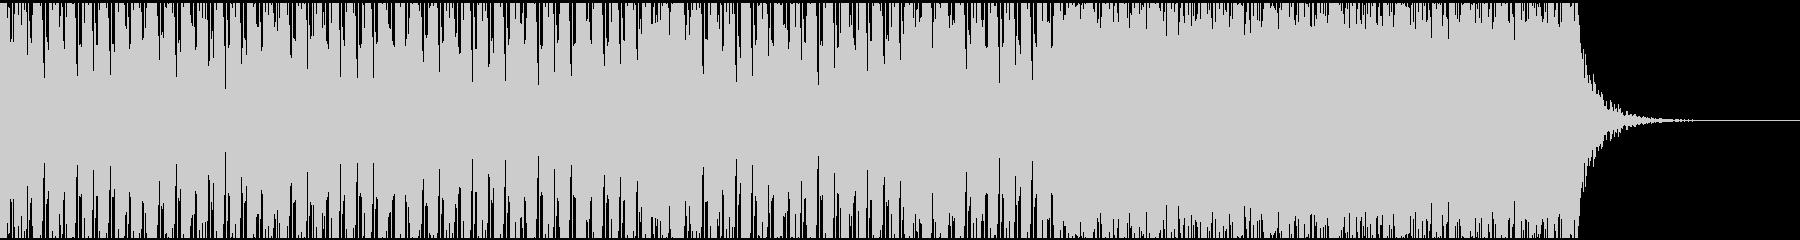 【バトル・サバイバル】緊張感ロング1の未再生の波形